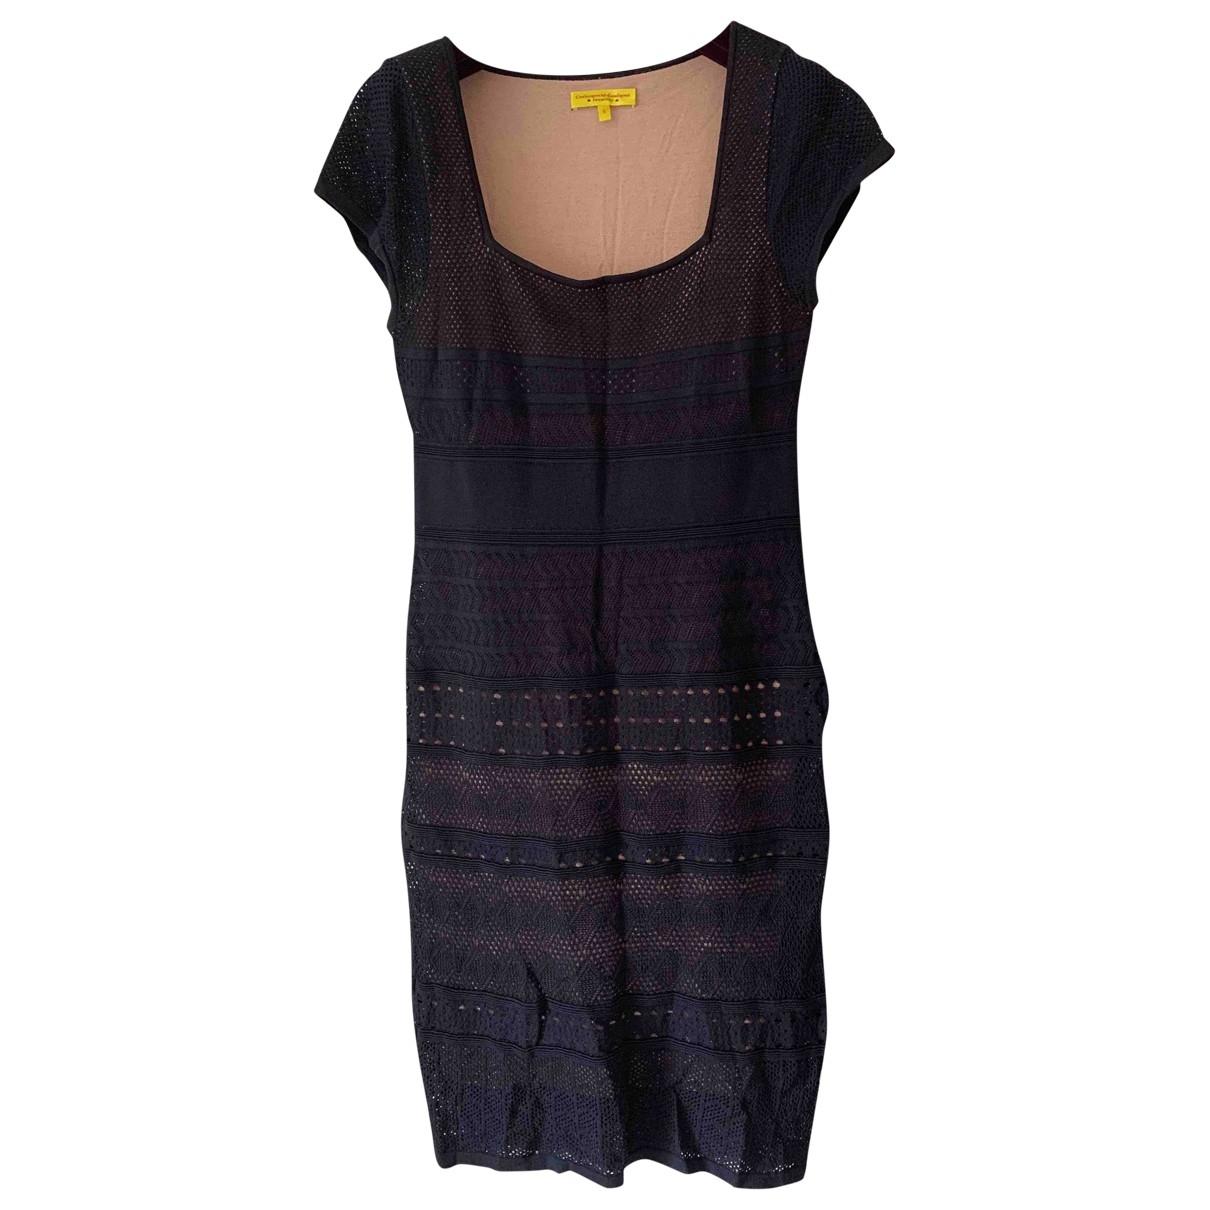 Catherine Malandrino \N Blue dress for Women S International